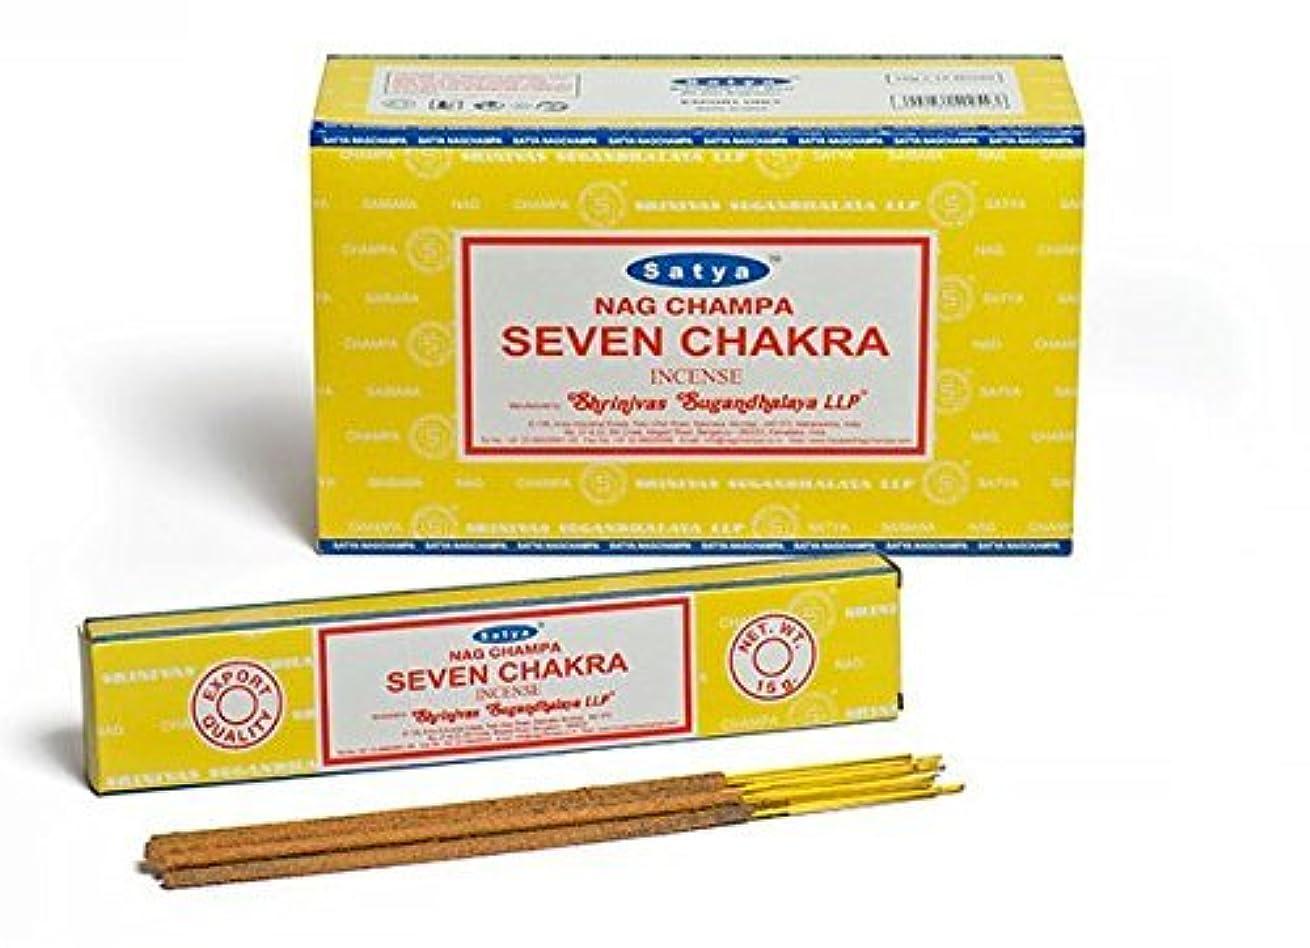 グレー地下鉄麺Buycrafty Satya Champa Seven Chakra Incense Stick,180 Grams Box (15g x 12 Boxes)